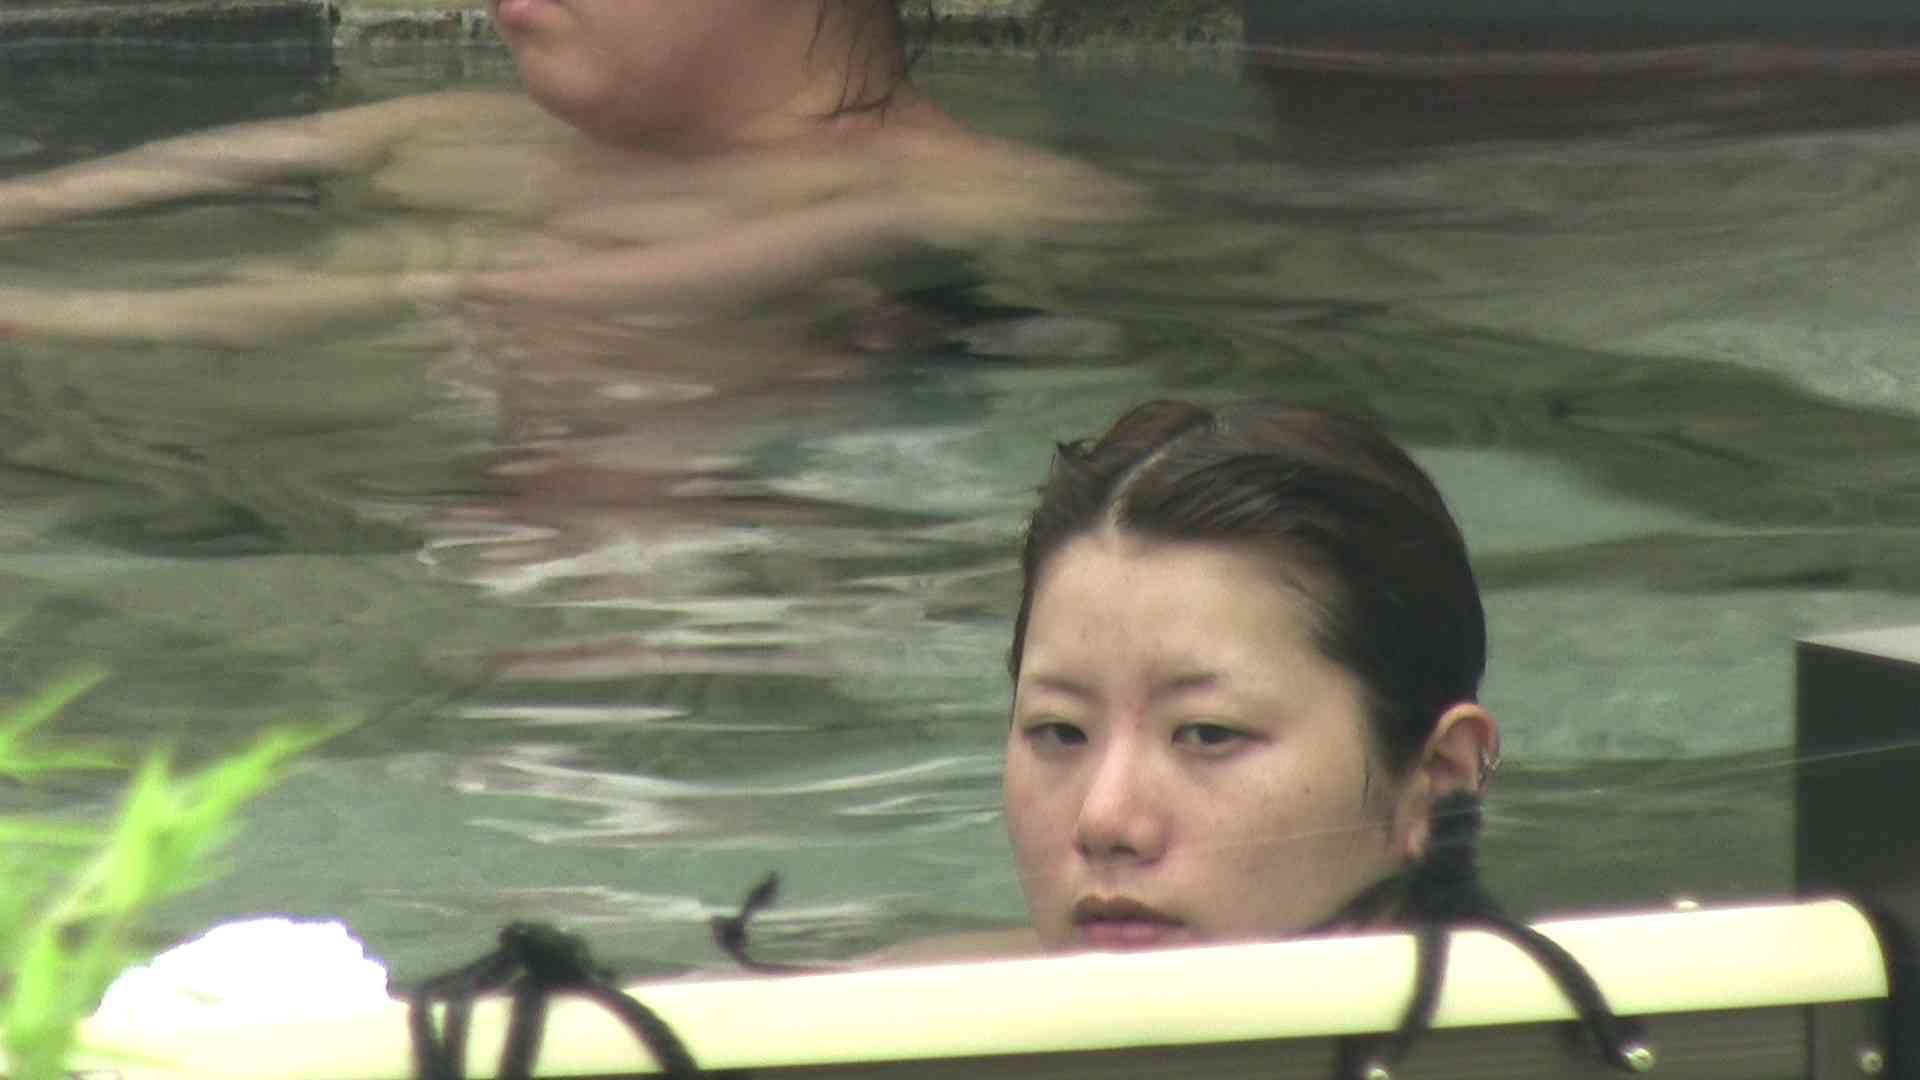 Aquaな露天風呂Vol.19【VIP】 美しいOLの裸体   盗撮師作品  106pic 88